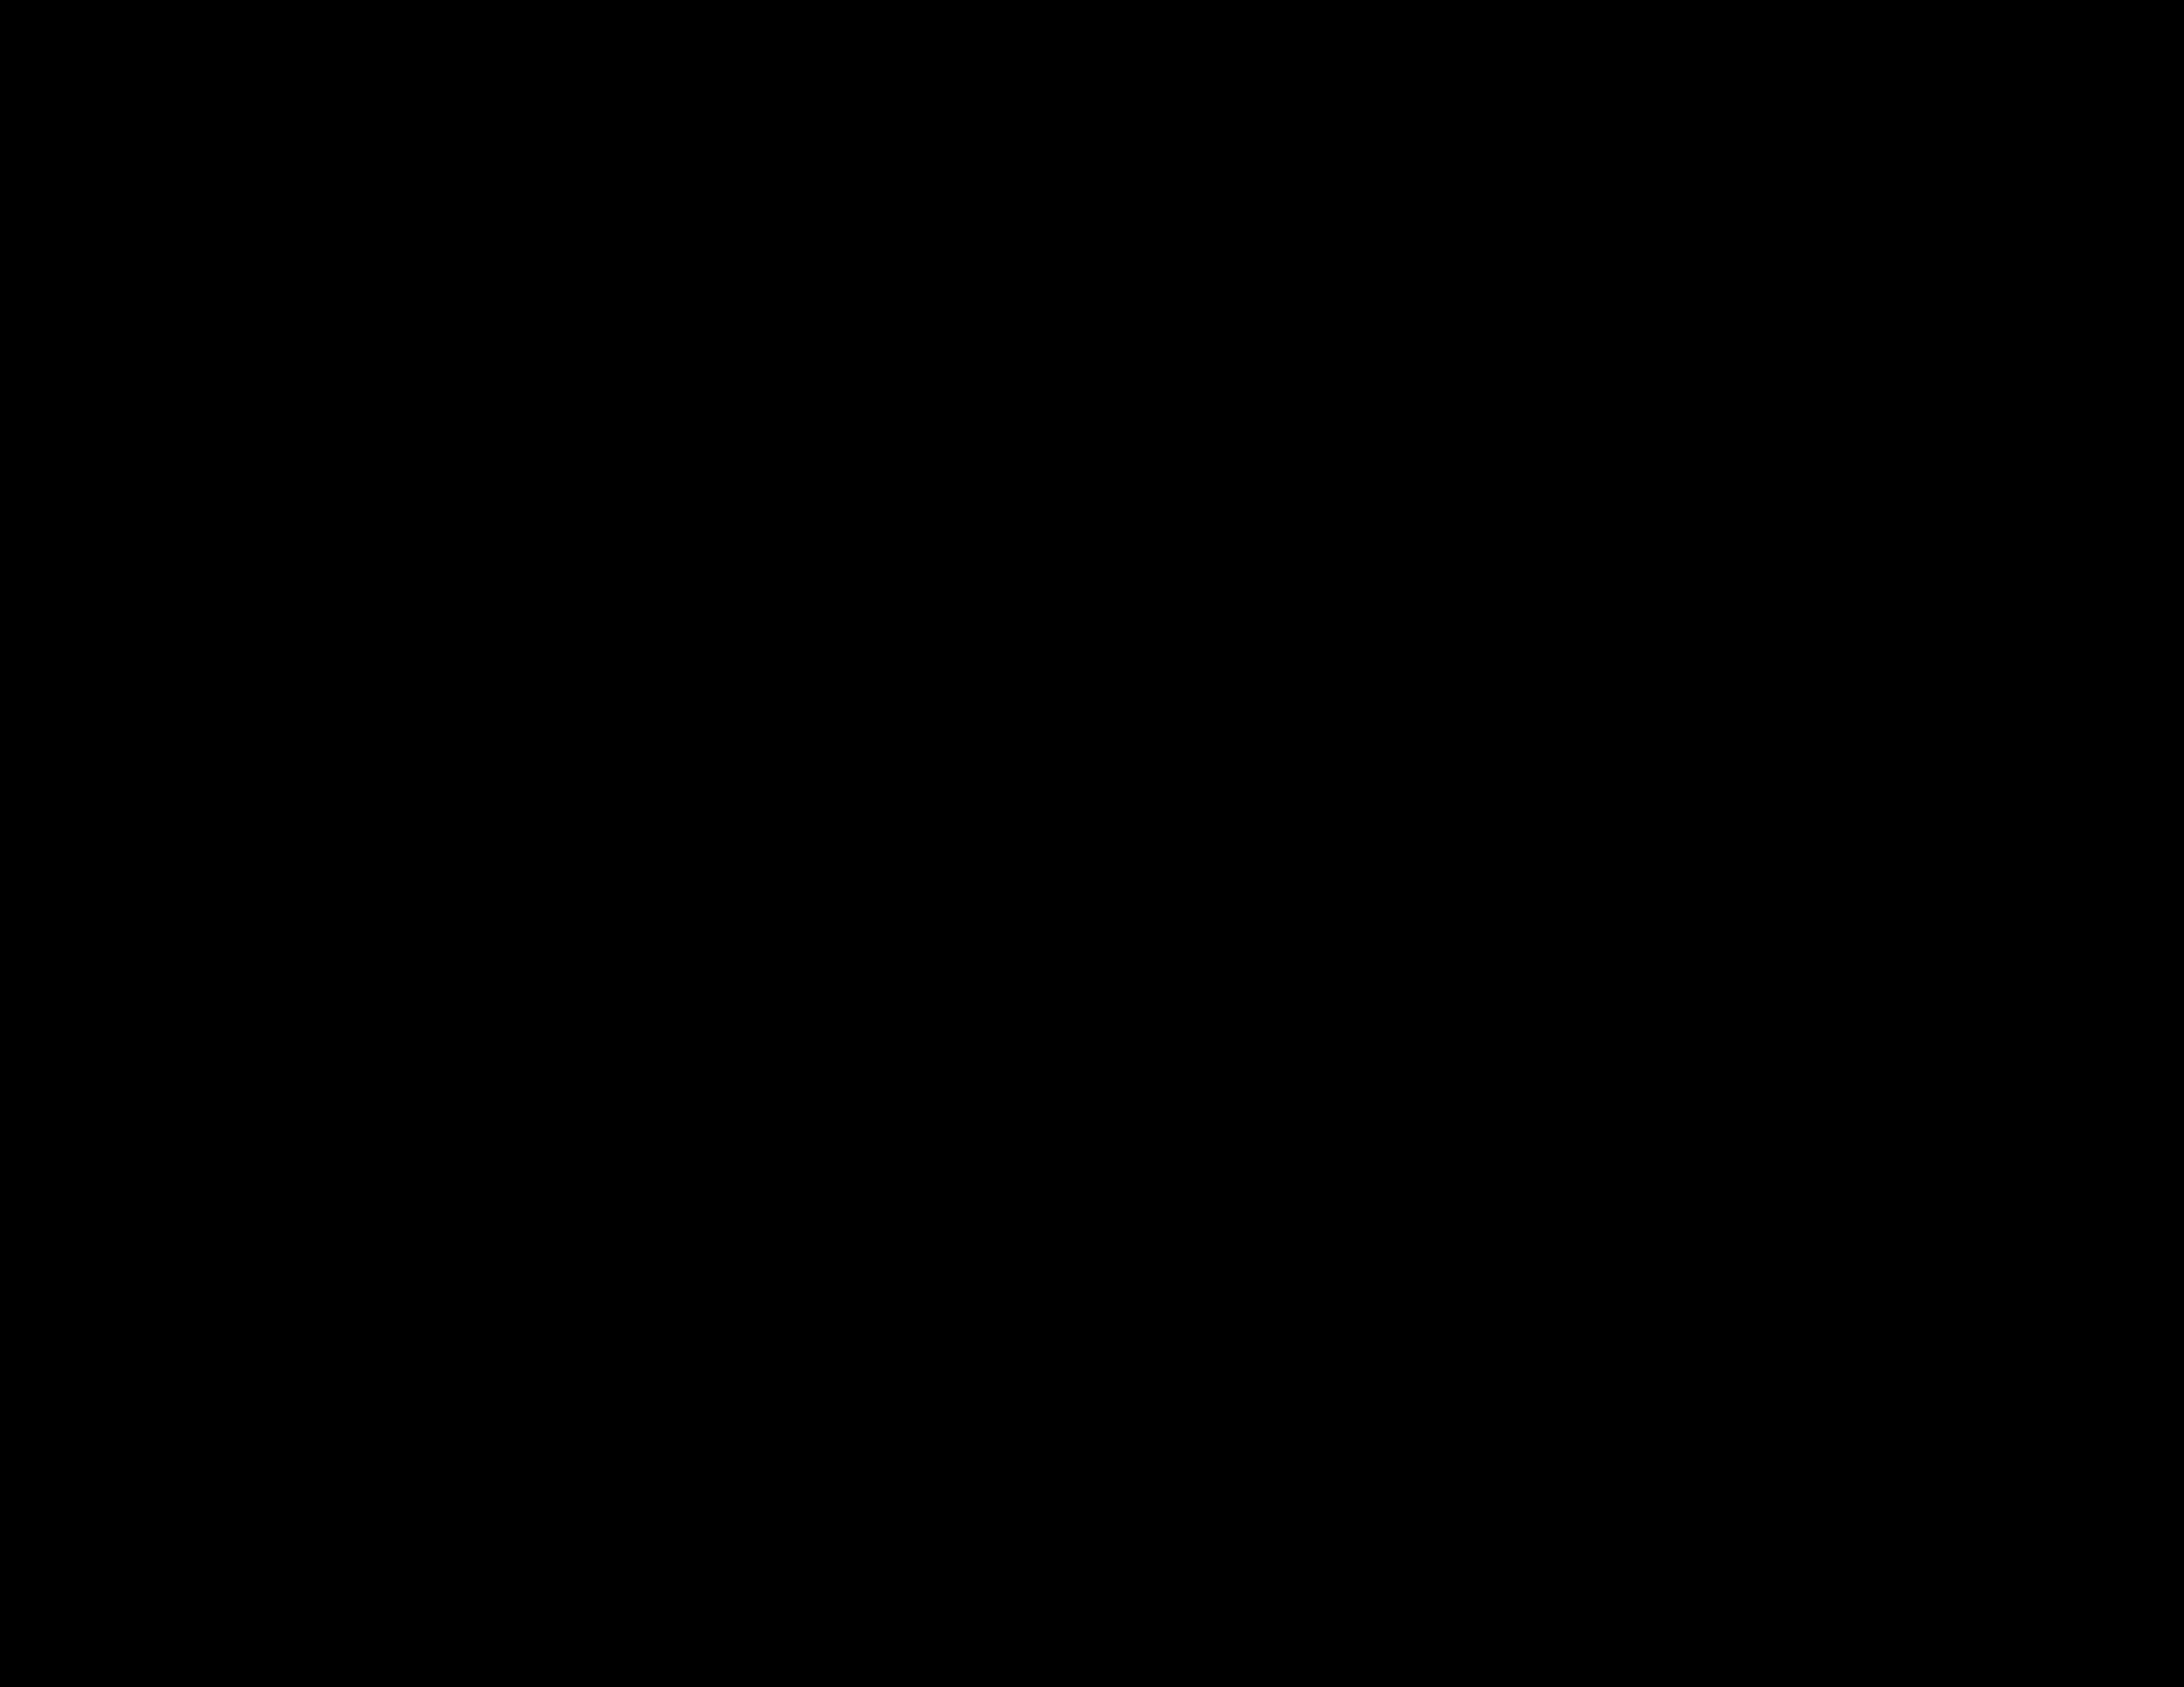 Norden_Logo(TRANSPARENT)-02.png